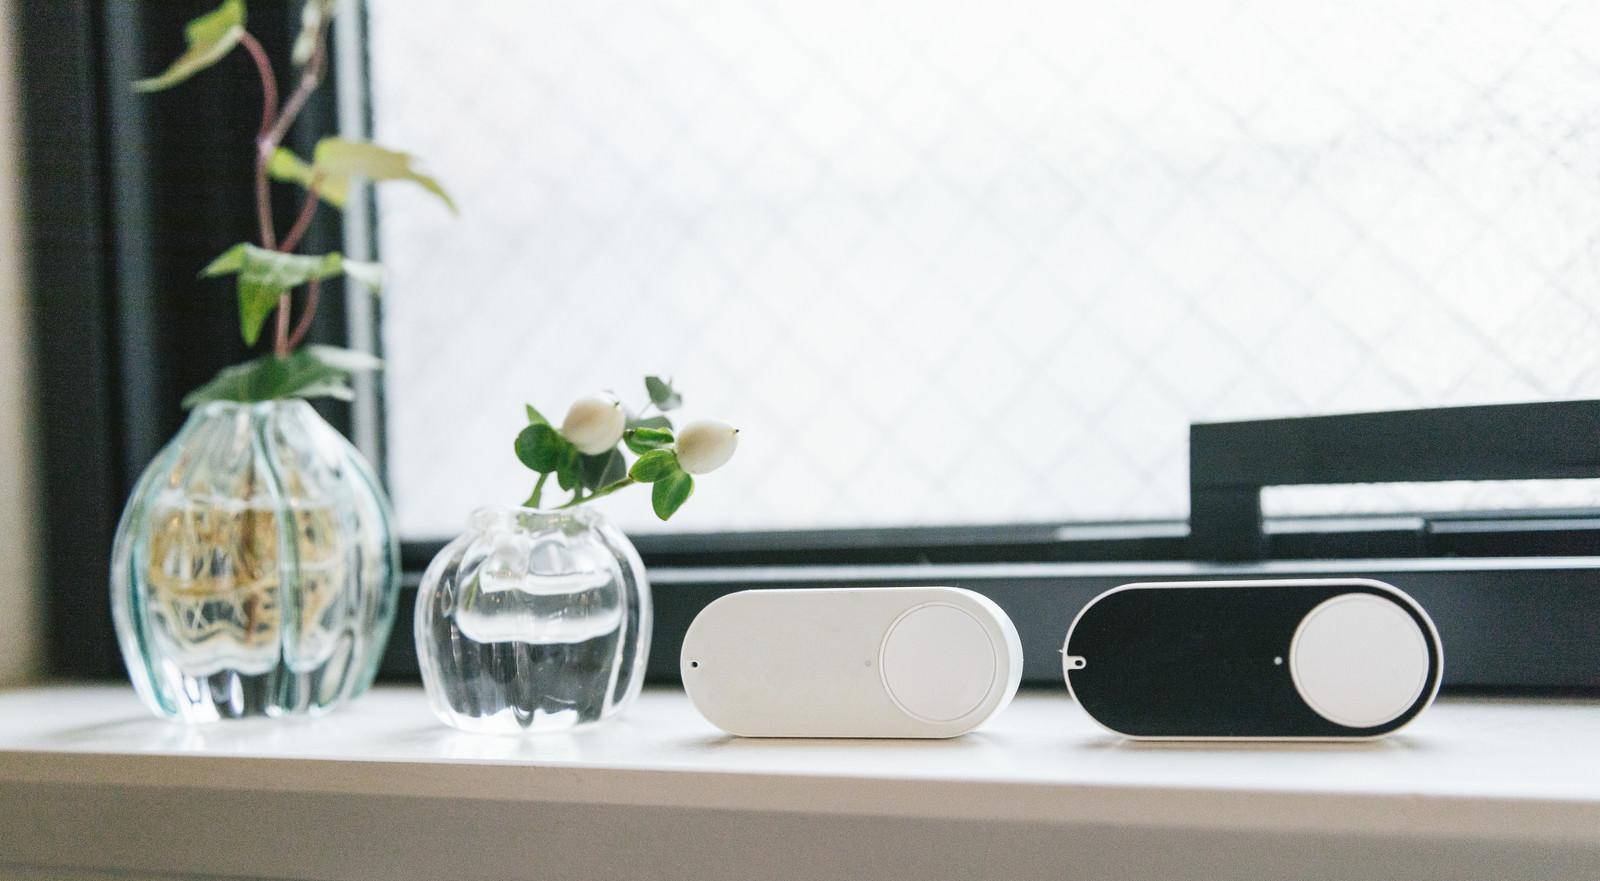 「簡単に買い物ができるボタン簡単に買い物ができるボタン」のフリー写真素材を拡大